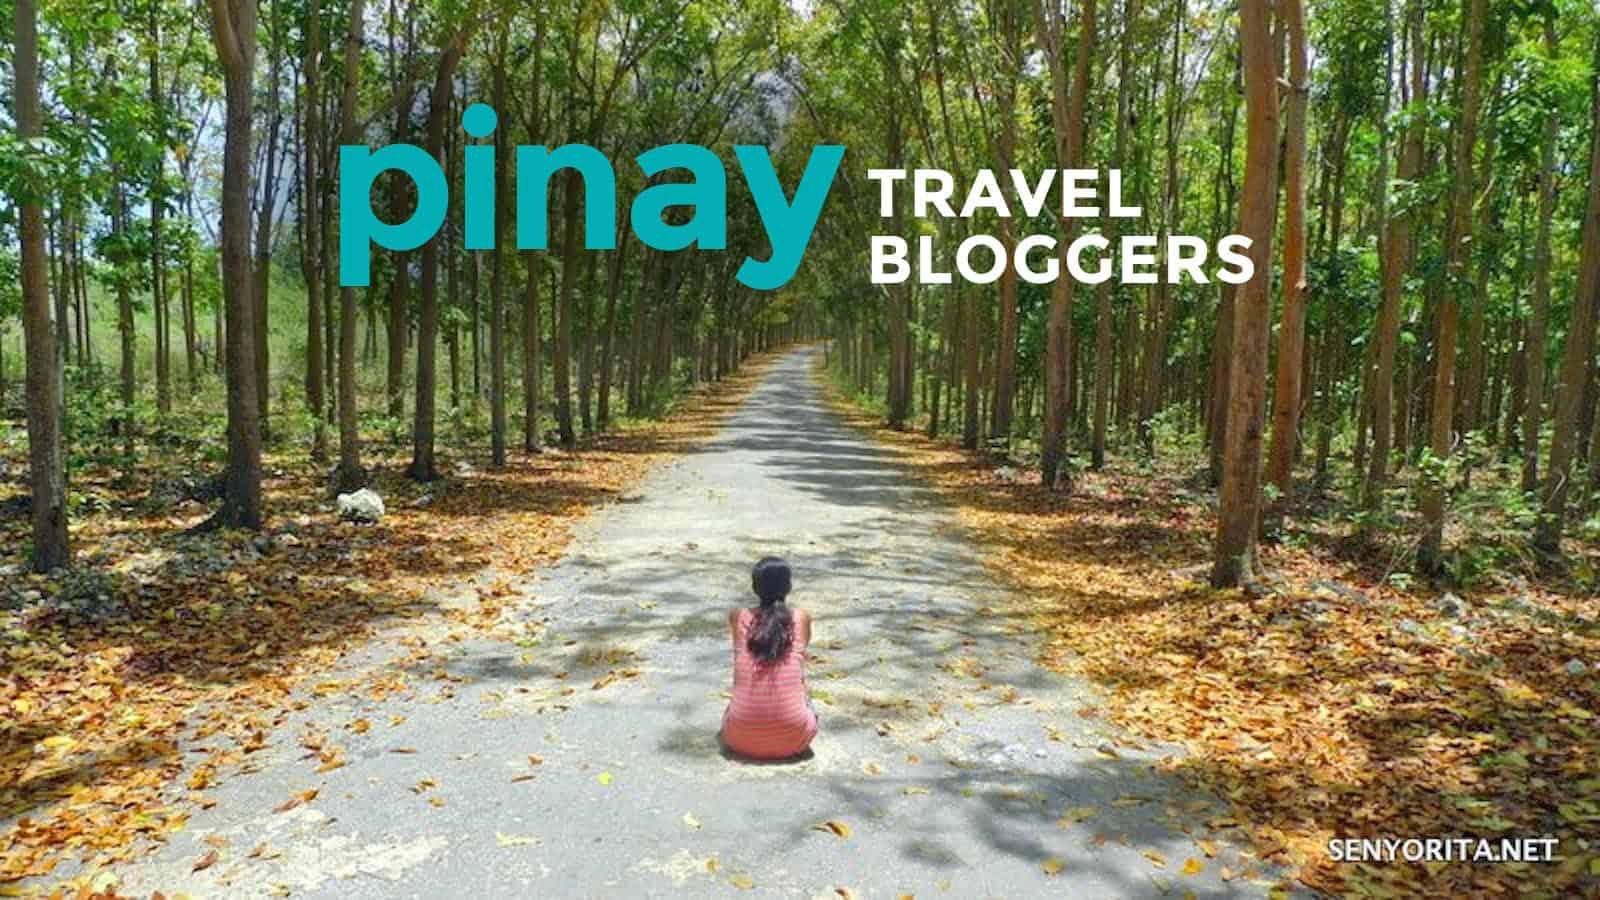 12个女性旅游博客,为菲律宾人赋权 | 穷游者的行程安排博客